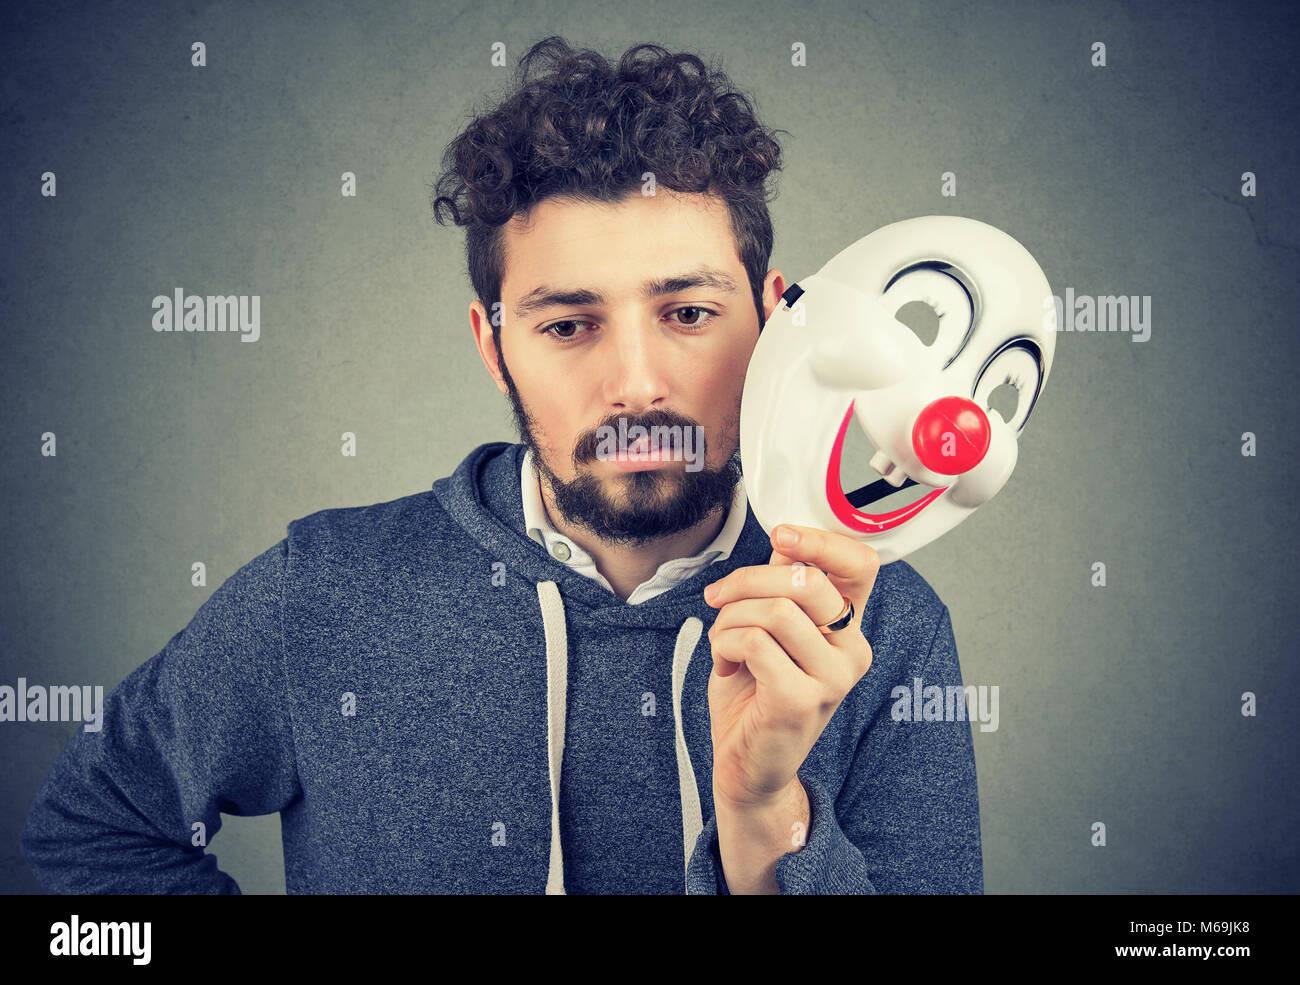 Junge Bartgeier verärgert man die Persönlichkeit mit Happy clown Maske auf grauem Hintergrund. Stockbild